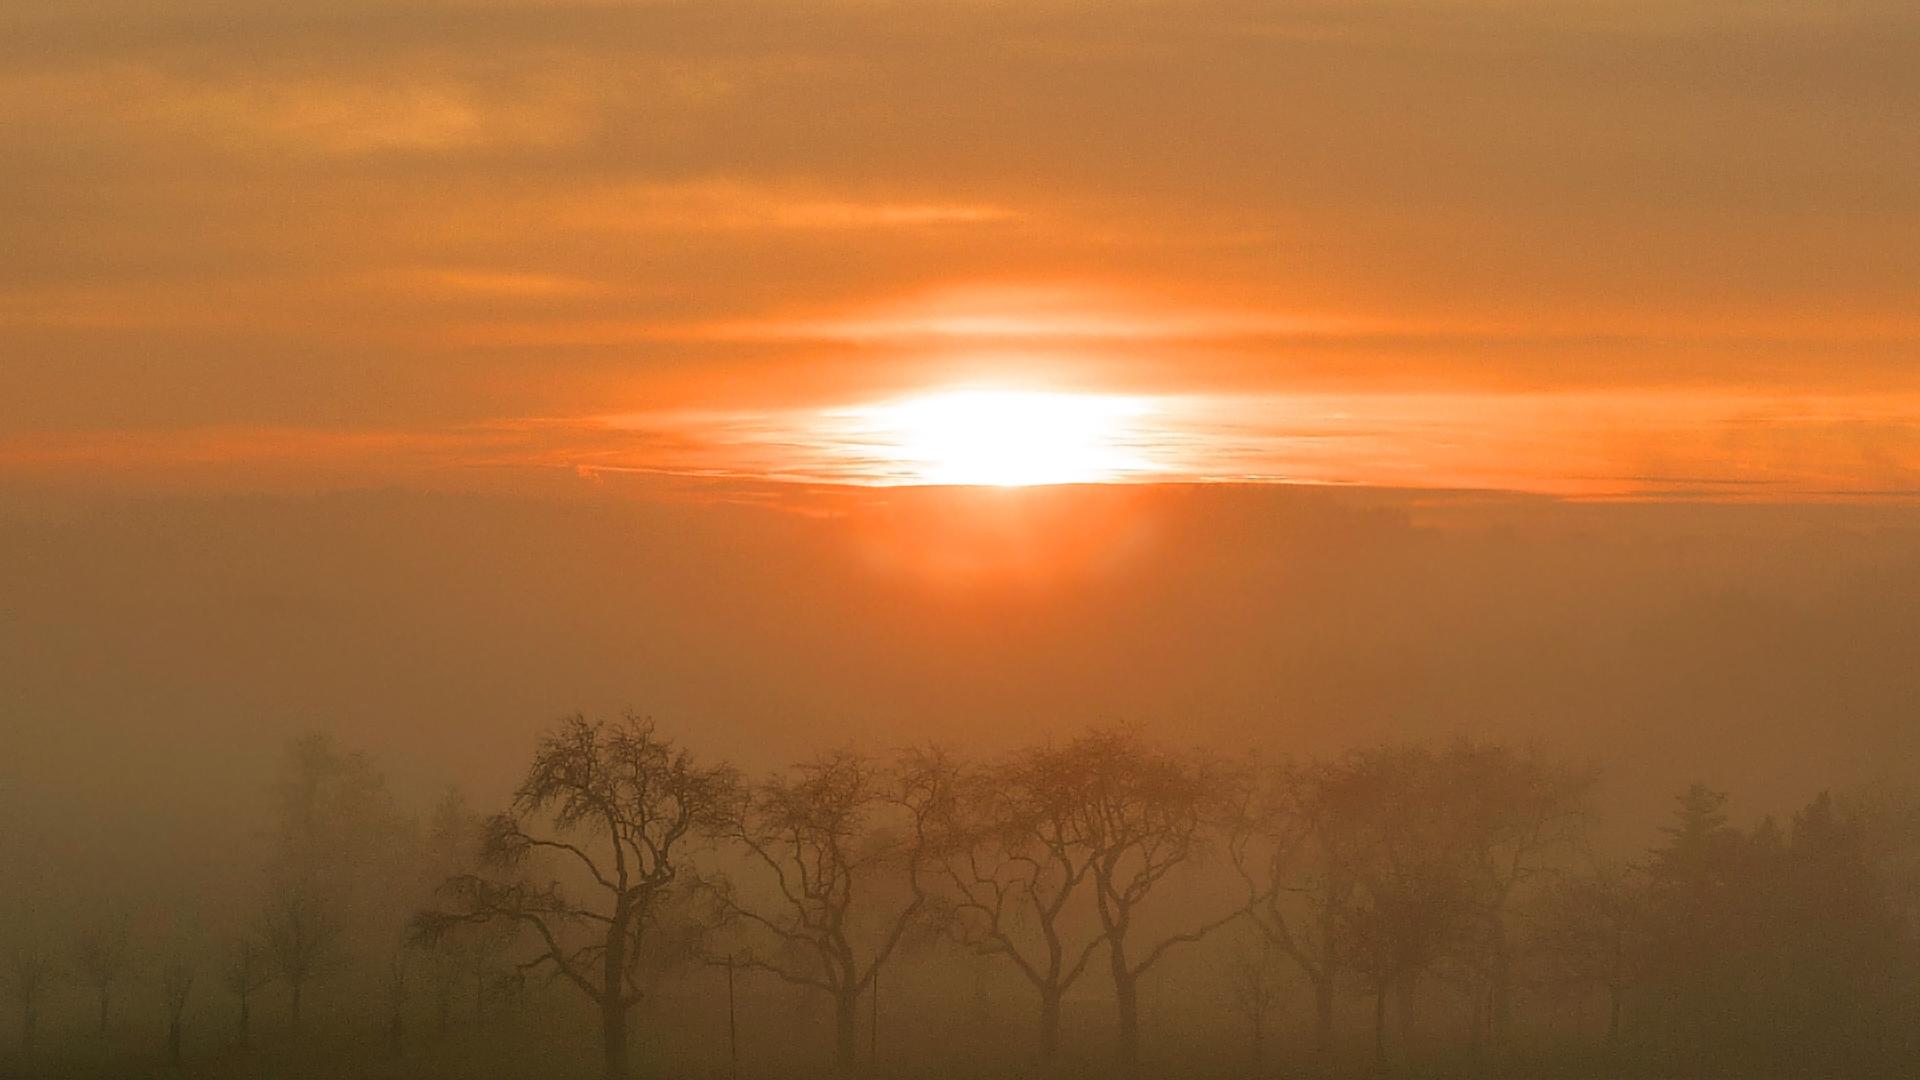 Sonnenuntergang im Nationalpark Bayerischer Wald 2